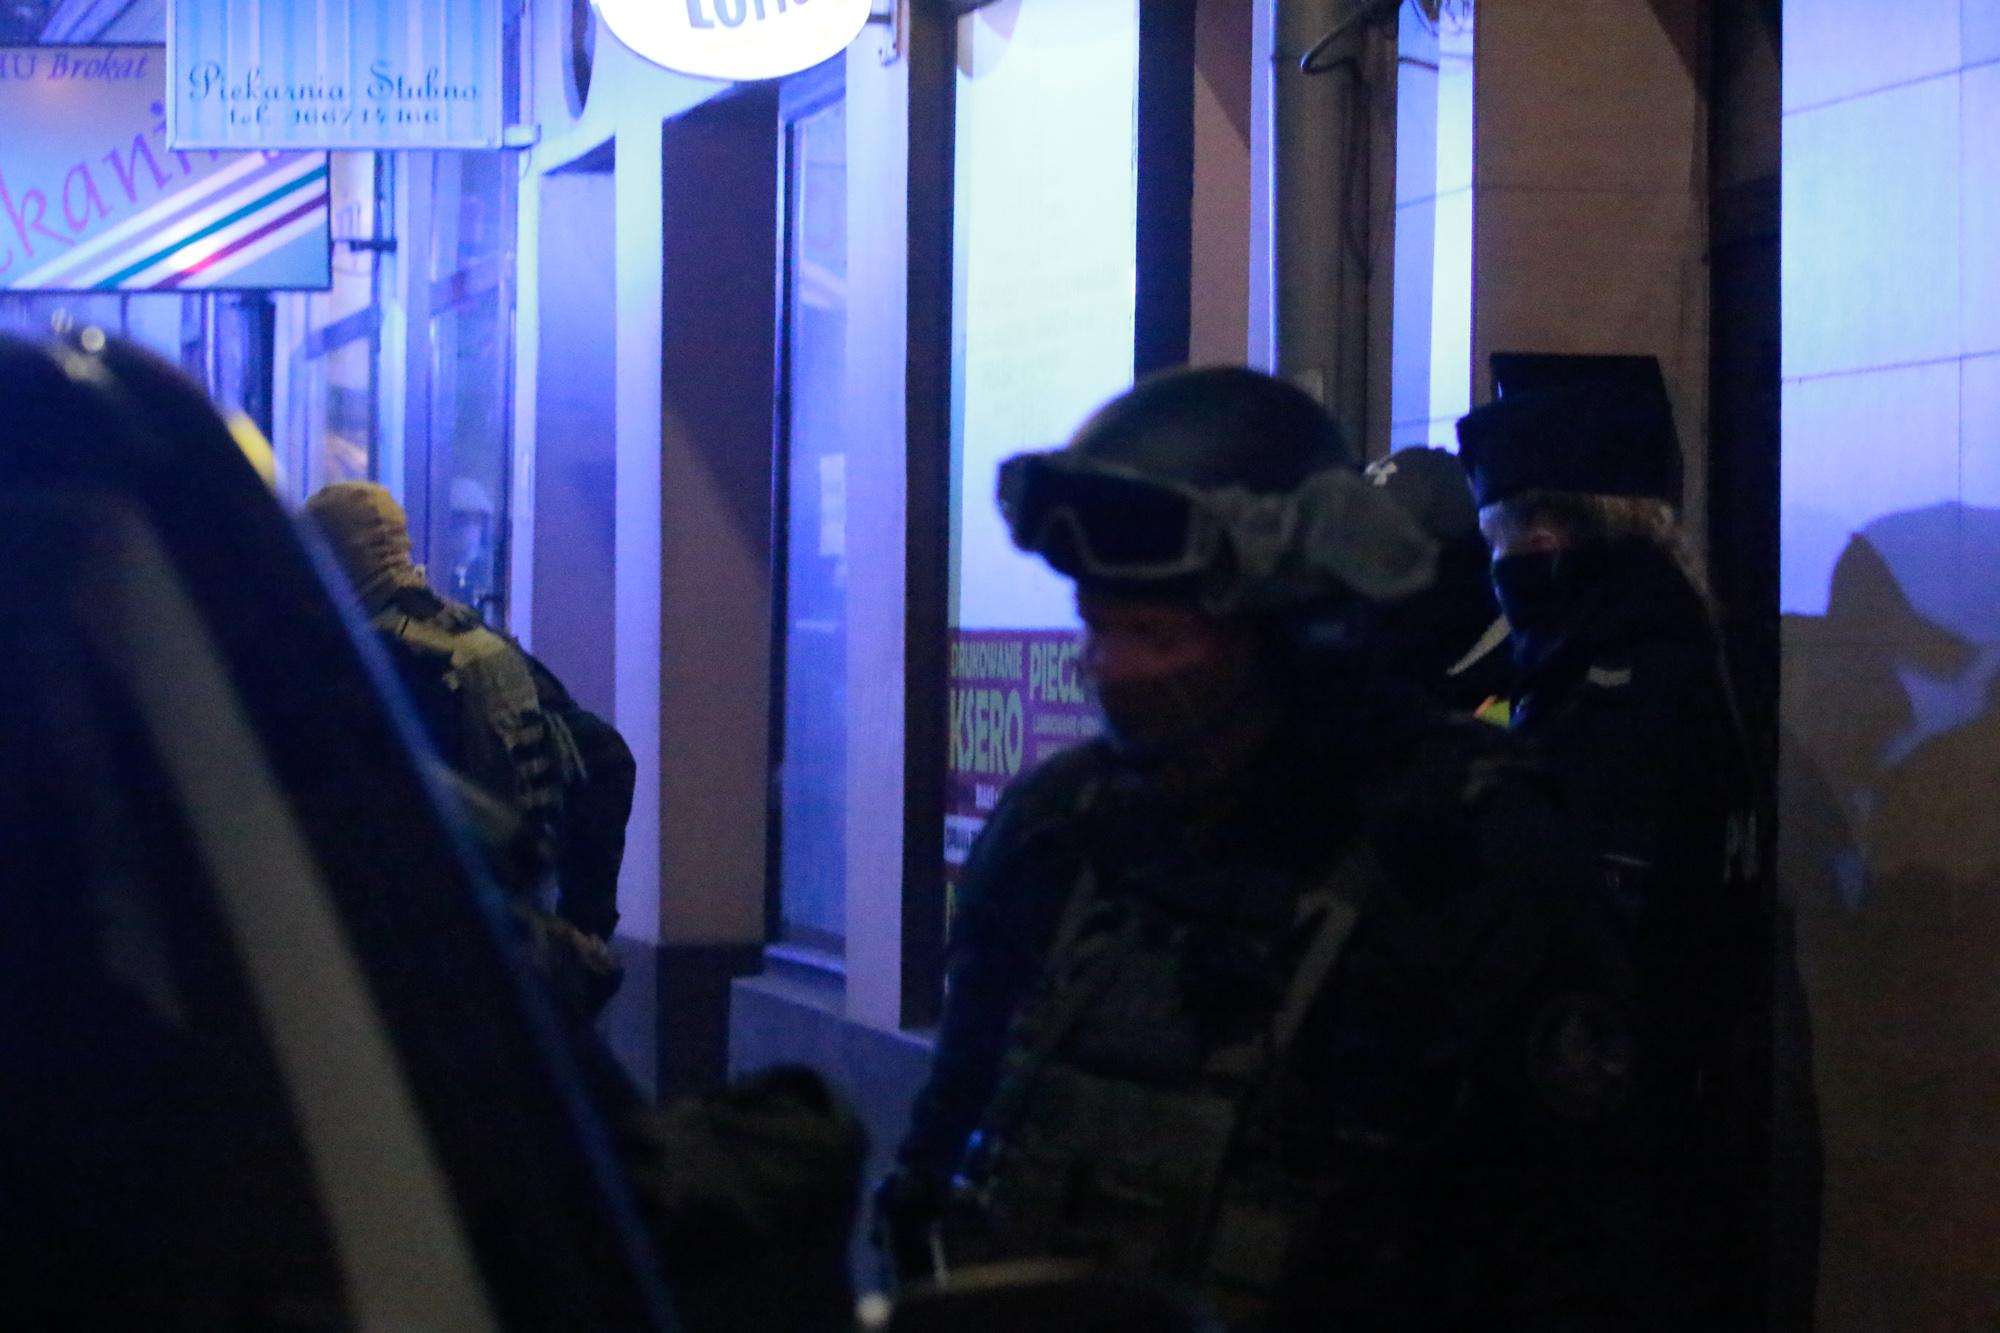 Policja musiała wejść do mieszkania siłą! Desperat z nożem zamknięty w pokoju z synem! - Zdjęcie główne